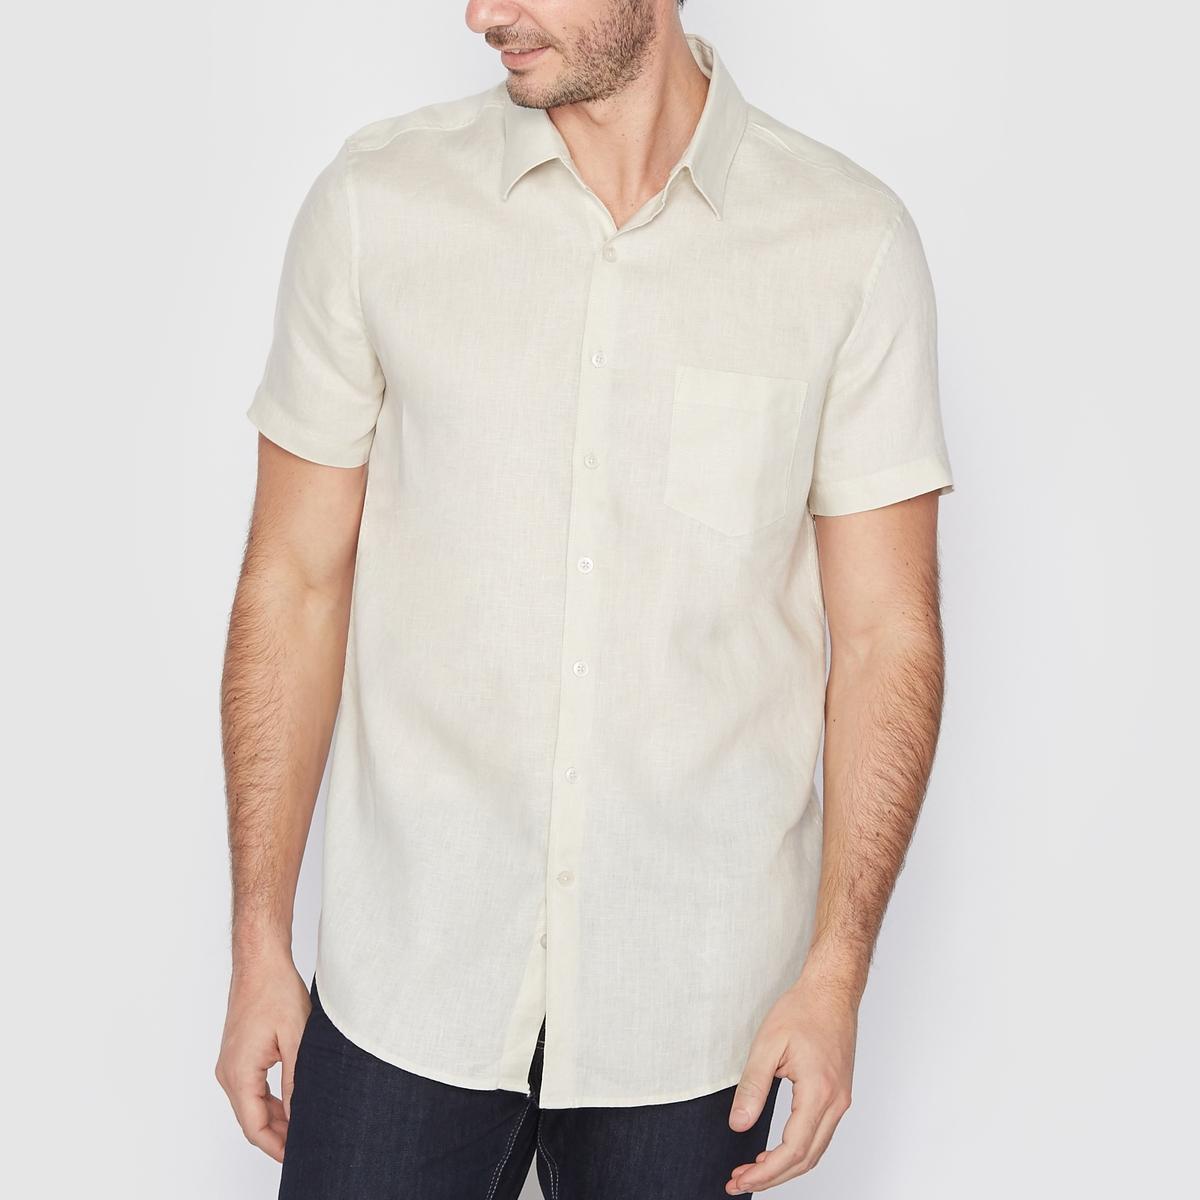 Рубашка прямого покроя 100% ленРубашка, 100% лен. Стандартный (прямой) покрой. Воротник со свободными уголками. Короткие рукава. Длина 77 см.<br><br>Цвет: песочный<br>Размер: 37/38.43/44